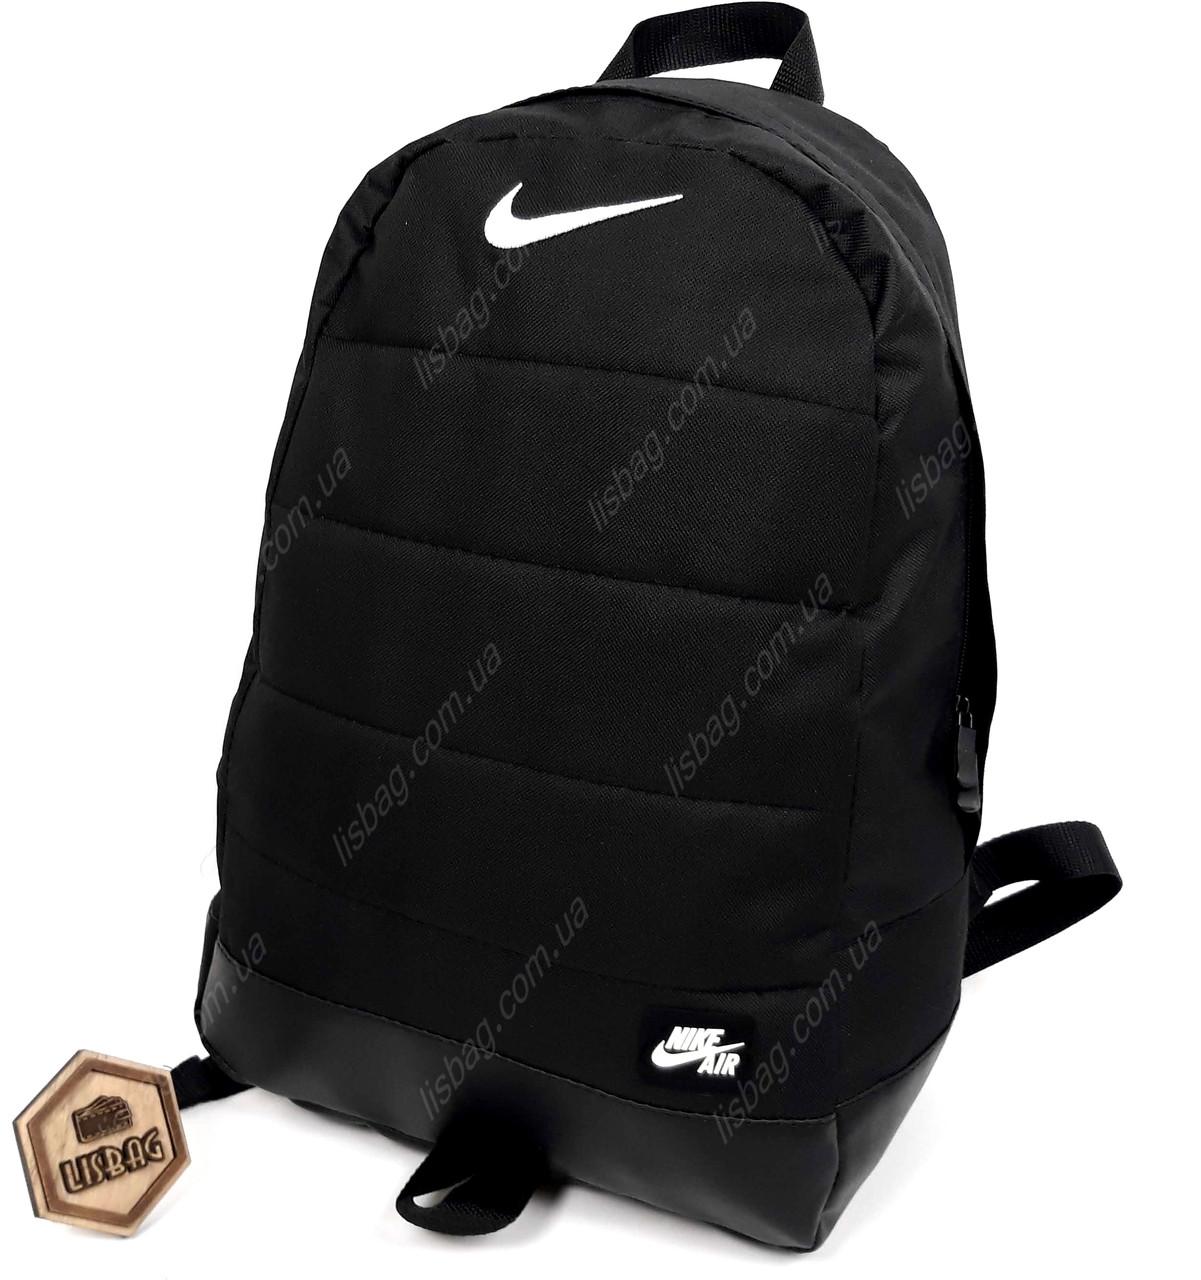 62a1b2e766dd Спортивный рюкзак Nike реплика хорошего качества, прочный, на каждый день,  черного цвета